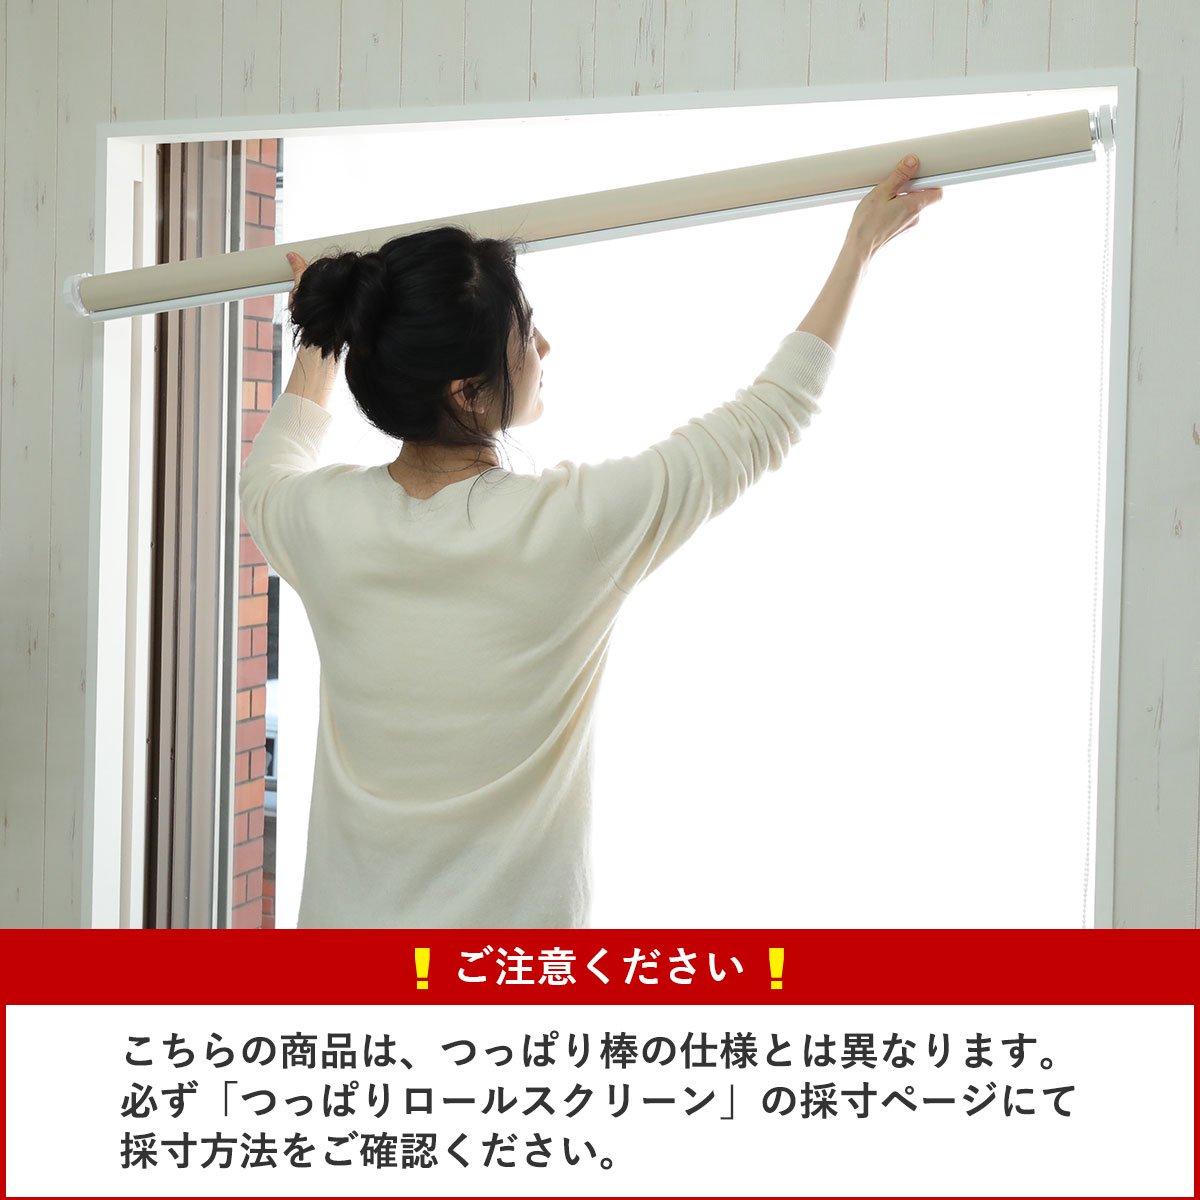 【当店オリジナル】激安!つっぱりロールスクリーン 1級遮光+防炎はっ水タイプ